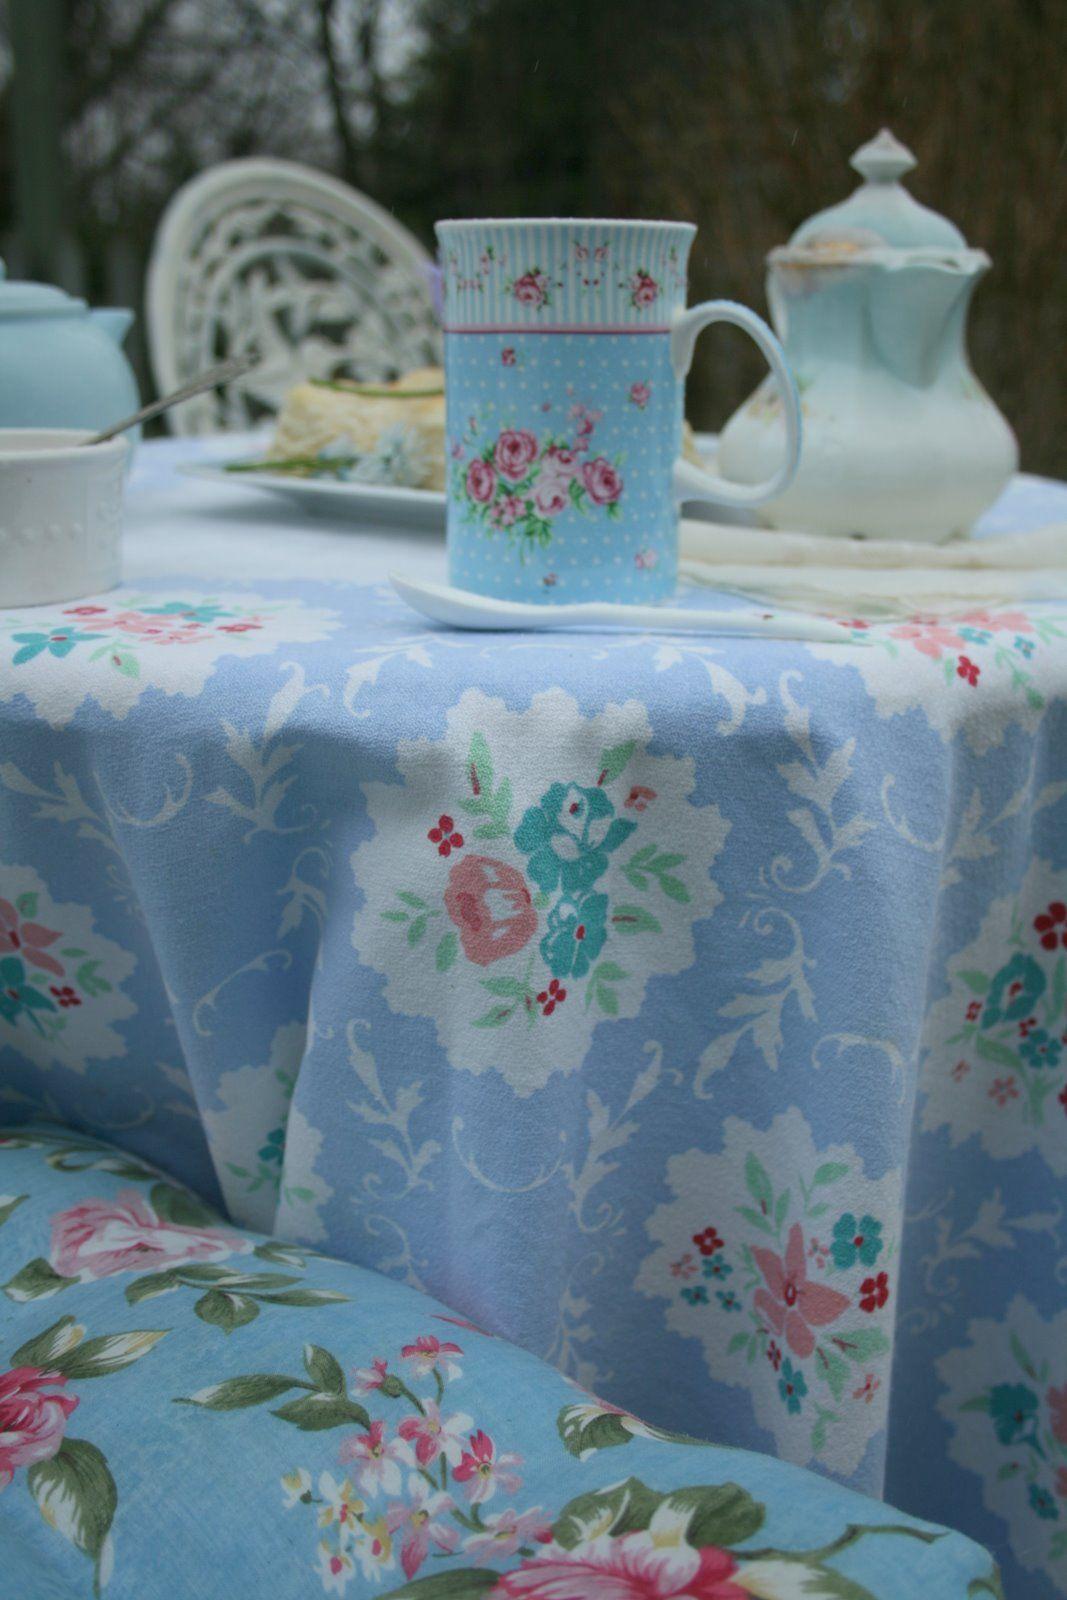 Aiken House & Gardens: Early Spring Garden Tea